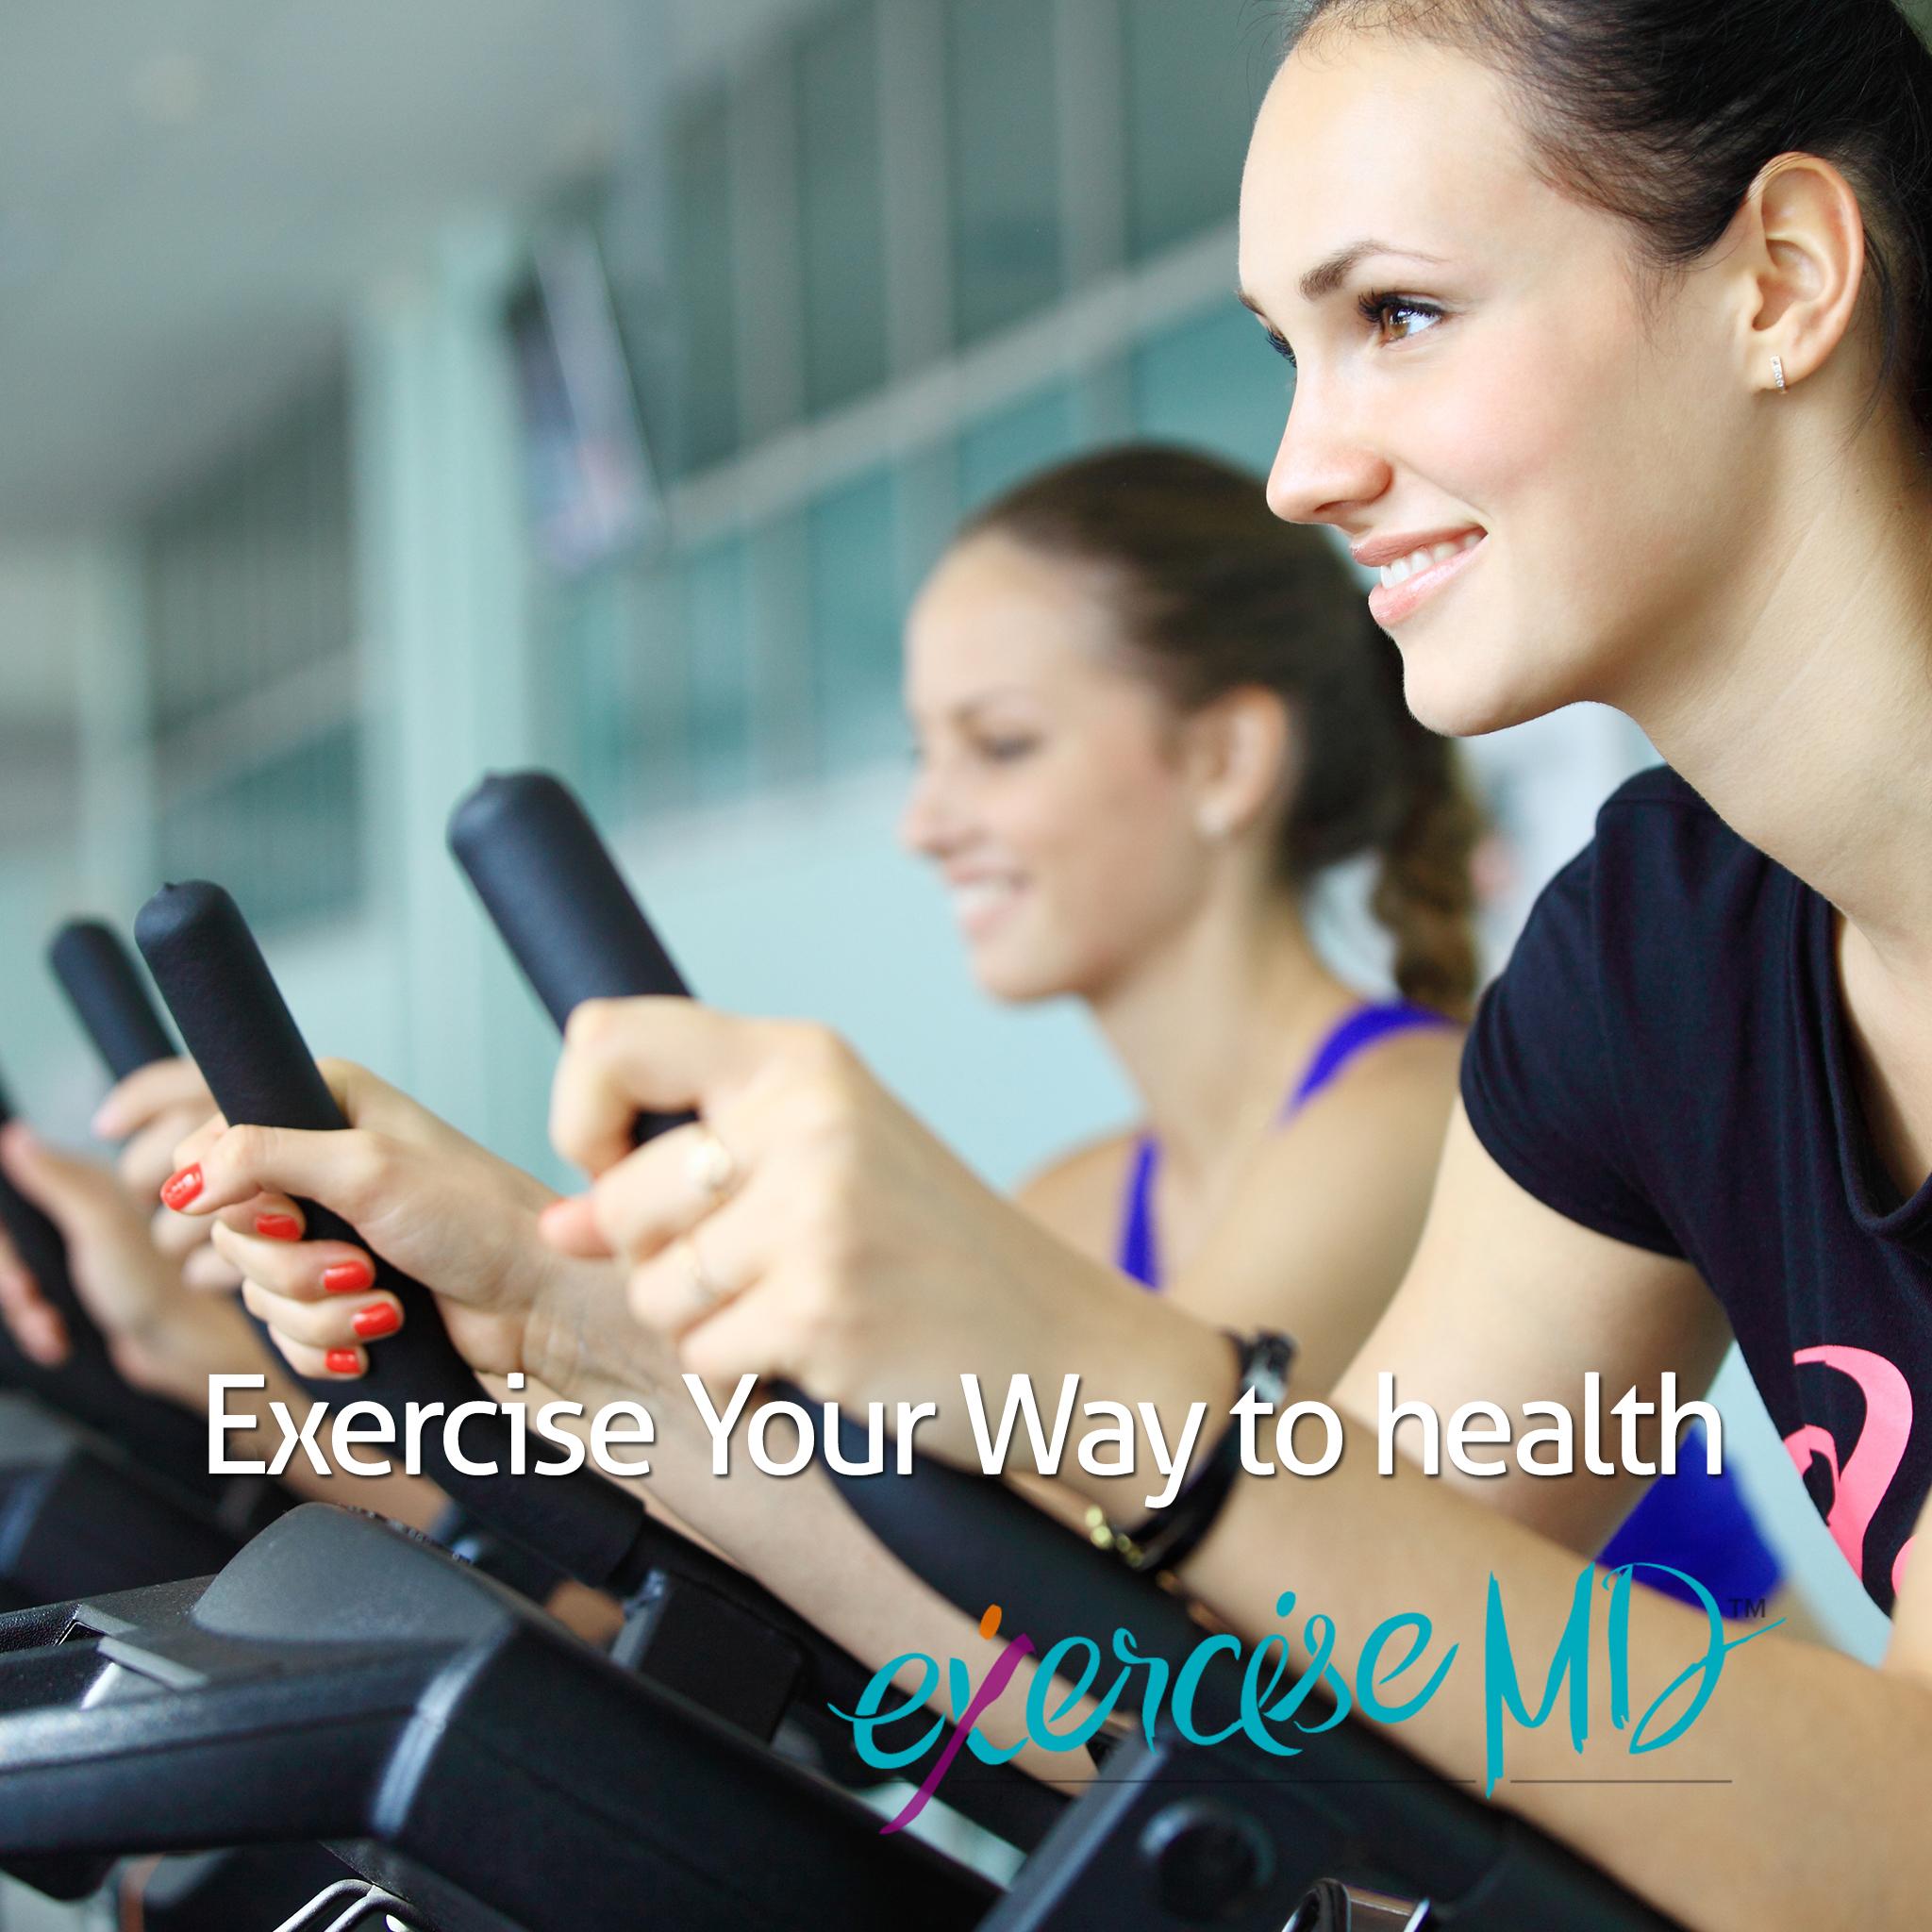 ExerciseMD